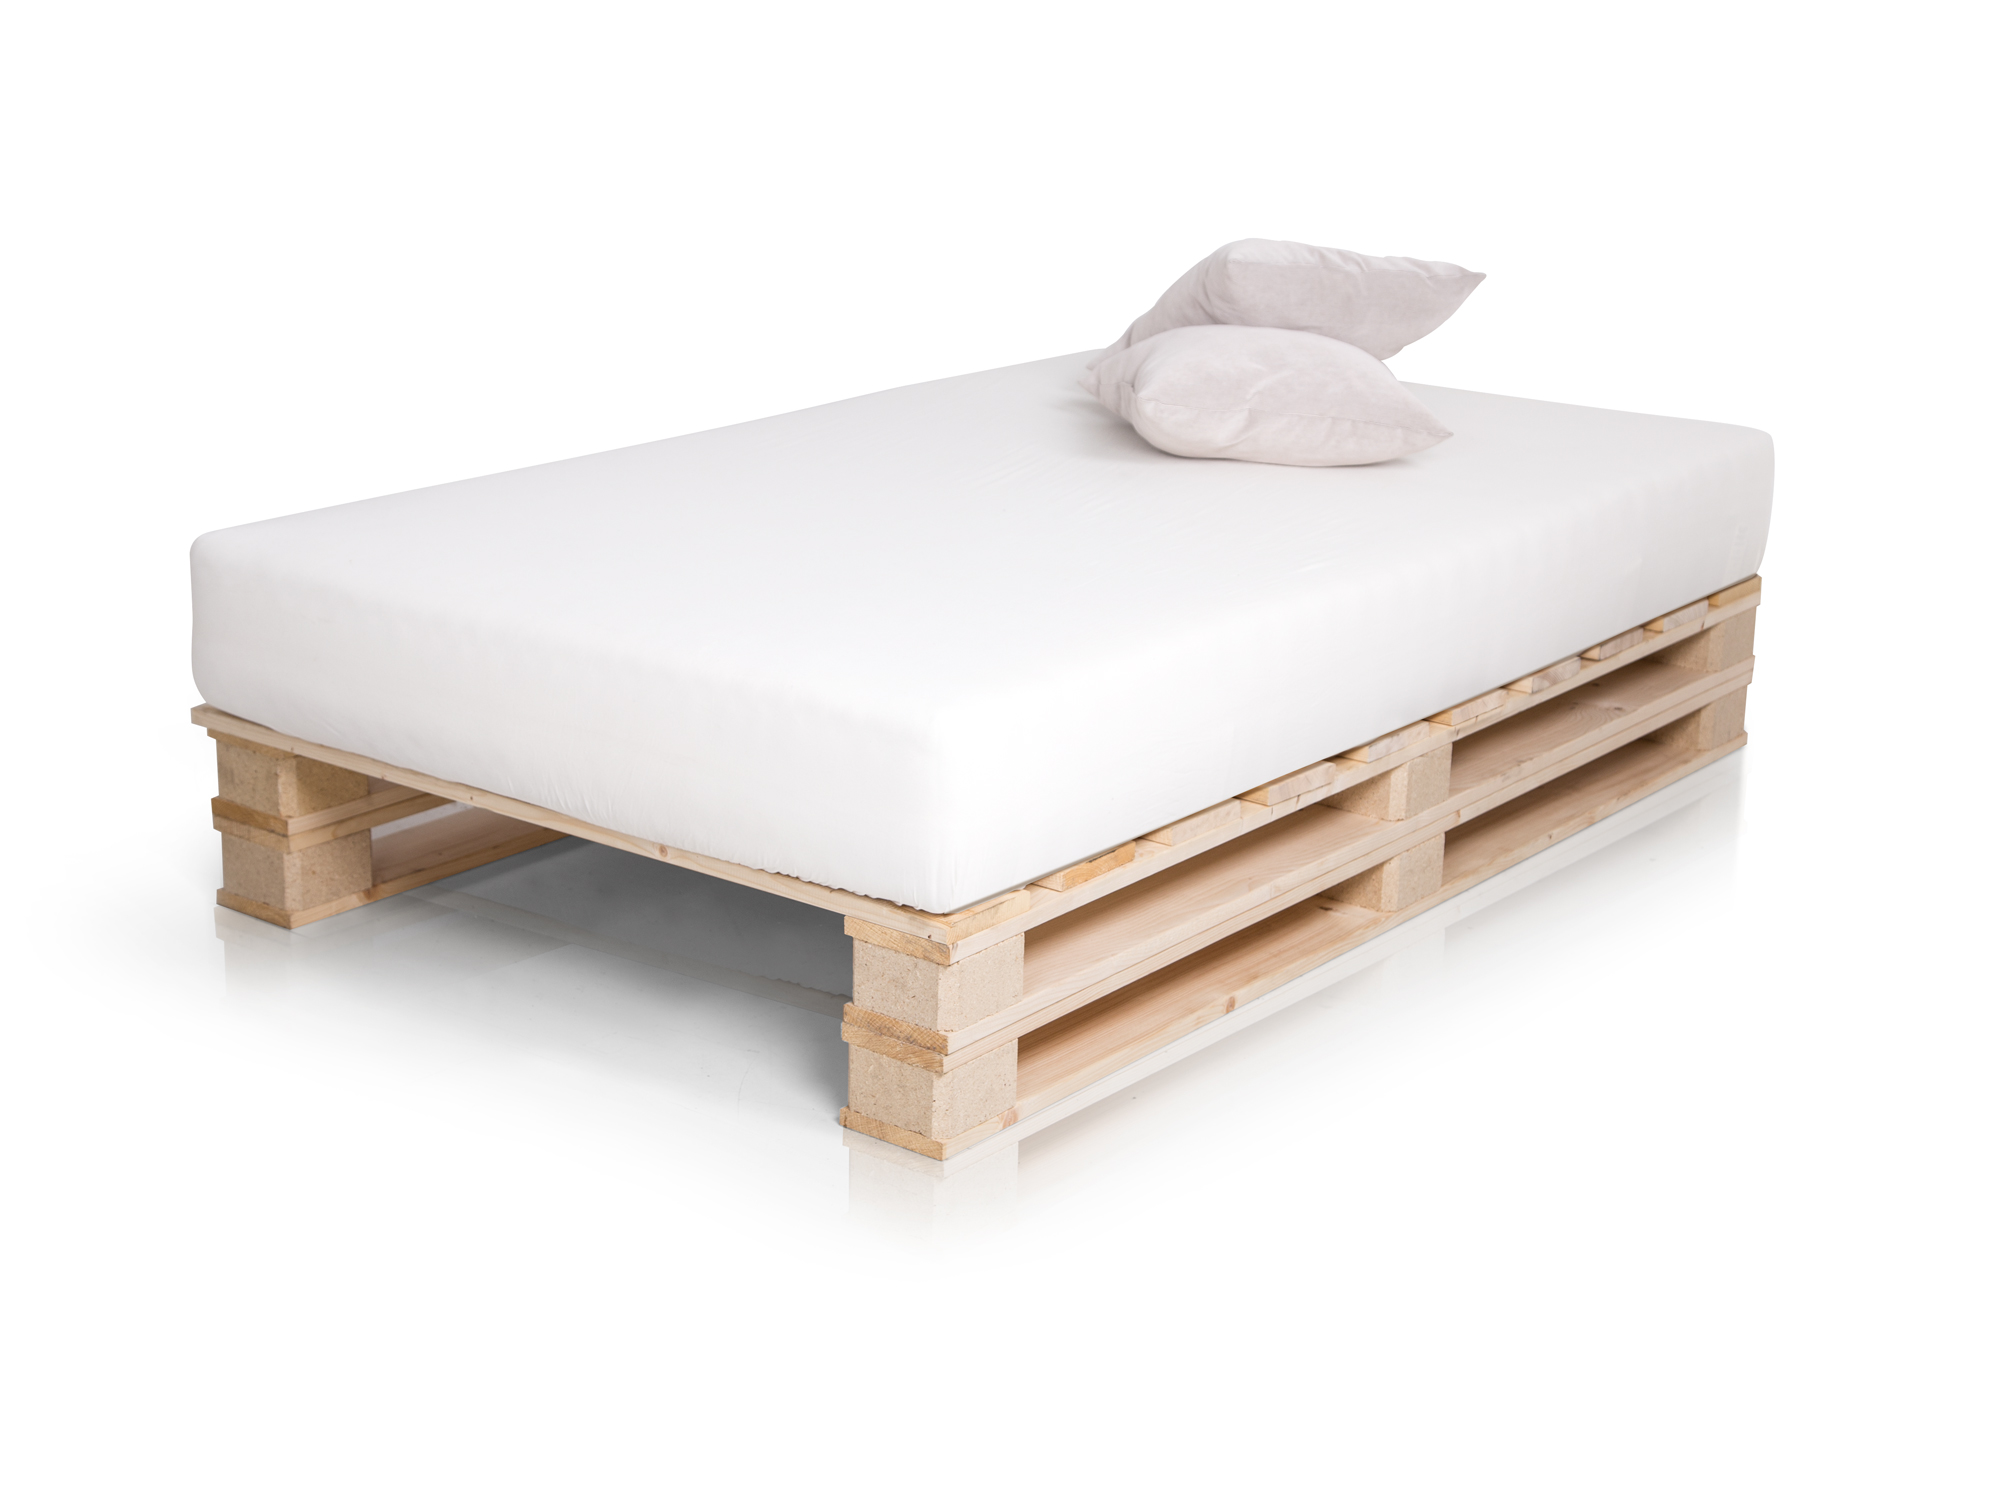 Full Size of Bettgestell 120x200 Bett Weiß Mit Bettkasten Matratze Und Lattenrost Betten Wohnzimmer Bettgestell 120x200